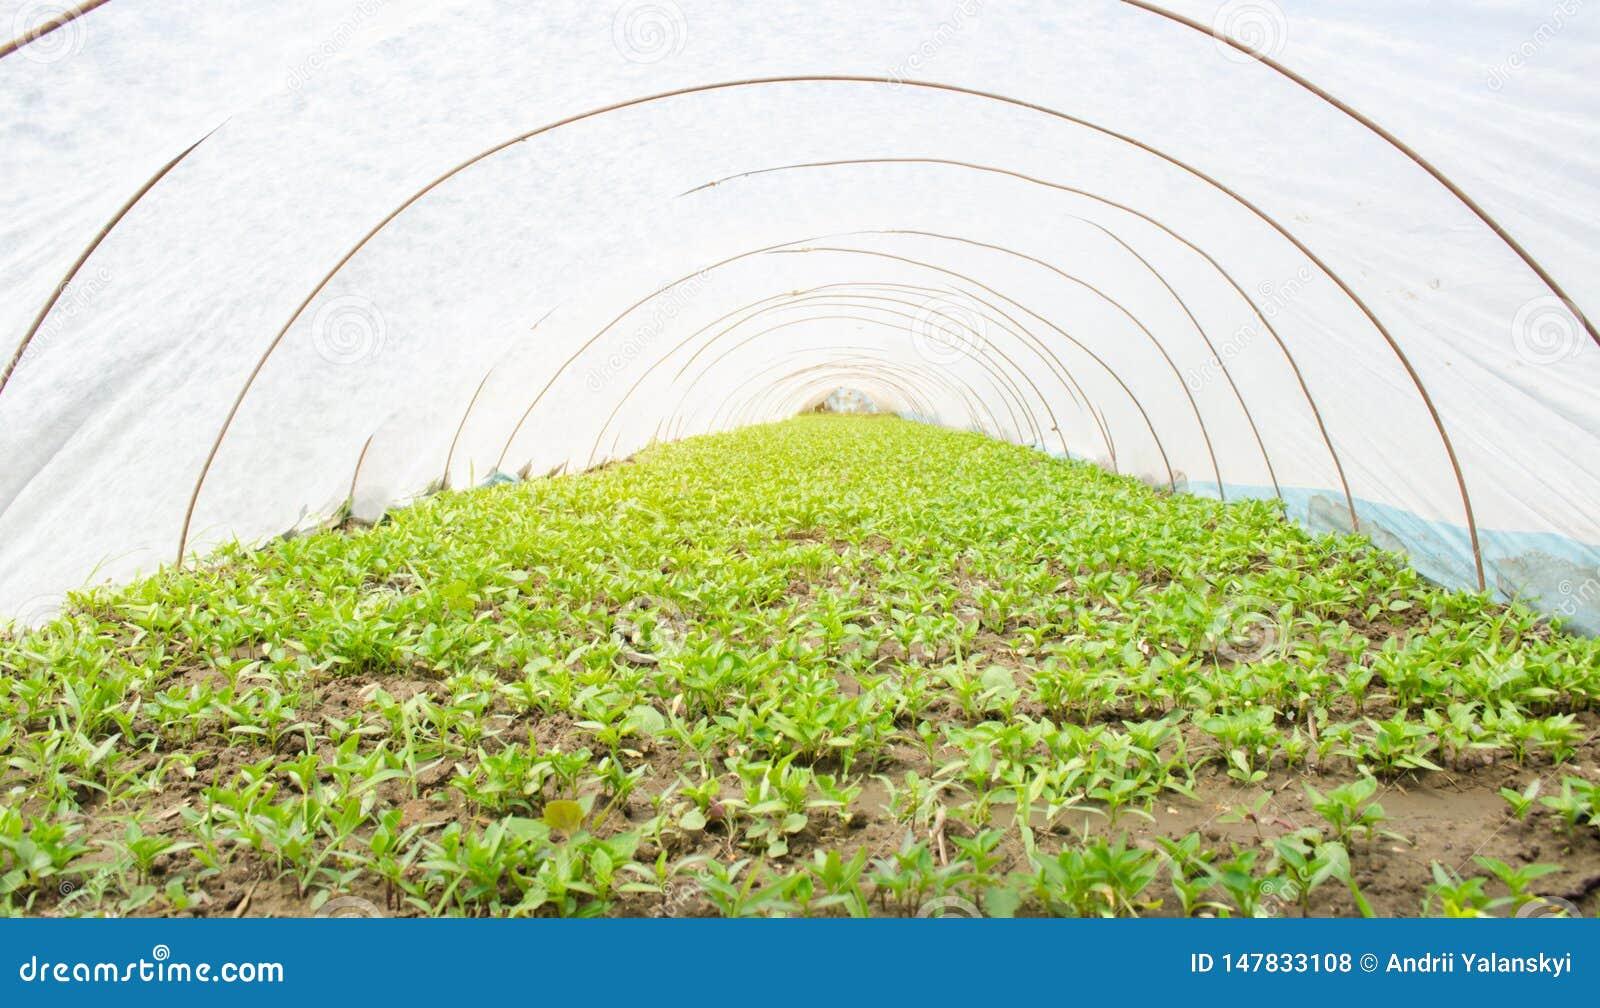 E L?gumes organiques croissants Agriculture affermage